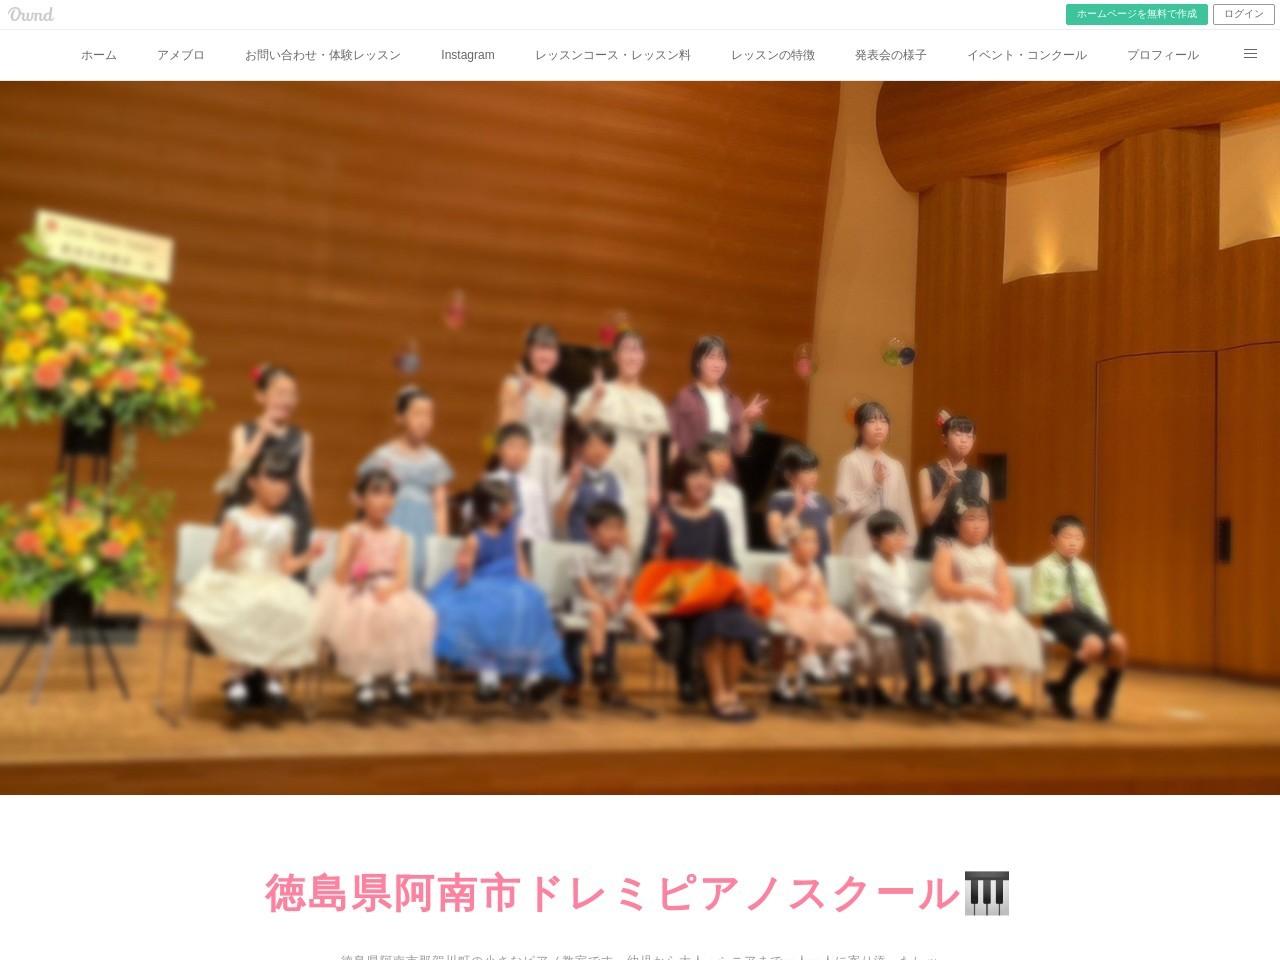 阿南市ドレミピアノスクールのサムネイル